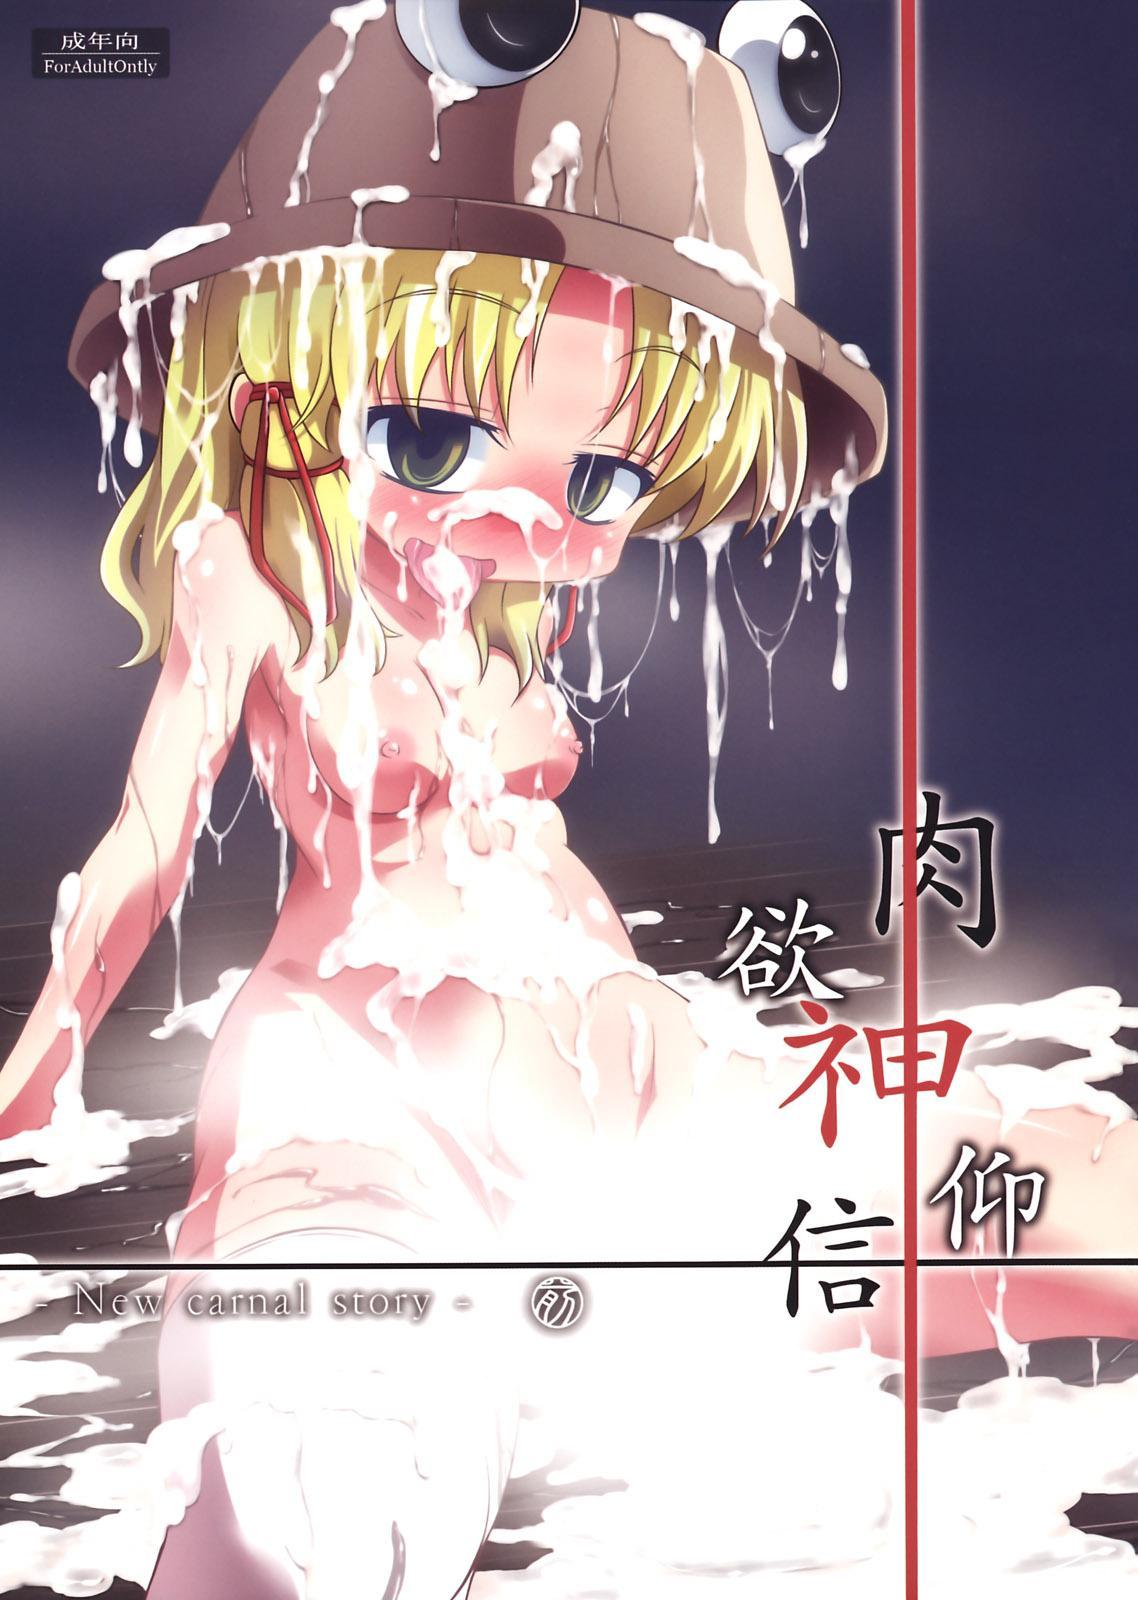 (Reitaisai 8) [Happiness Milk (Obyaa)] Nikuyokugami Gyoushin - New carnal story - Zen (Touhou Project) 0